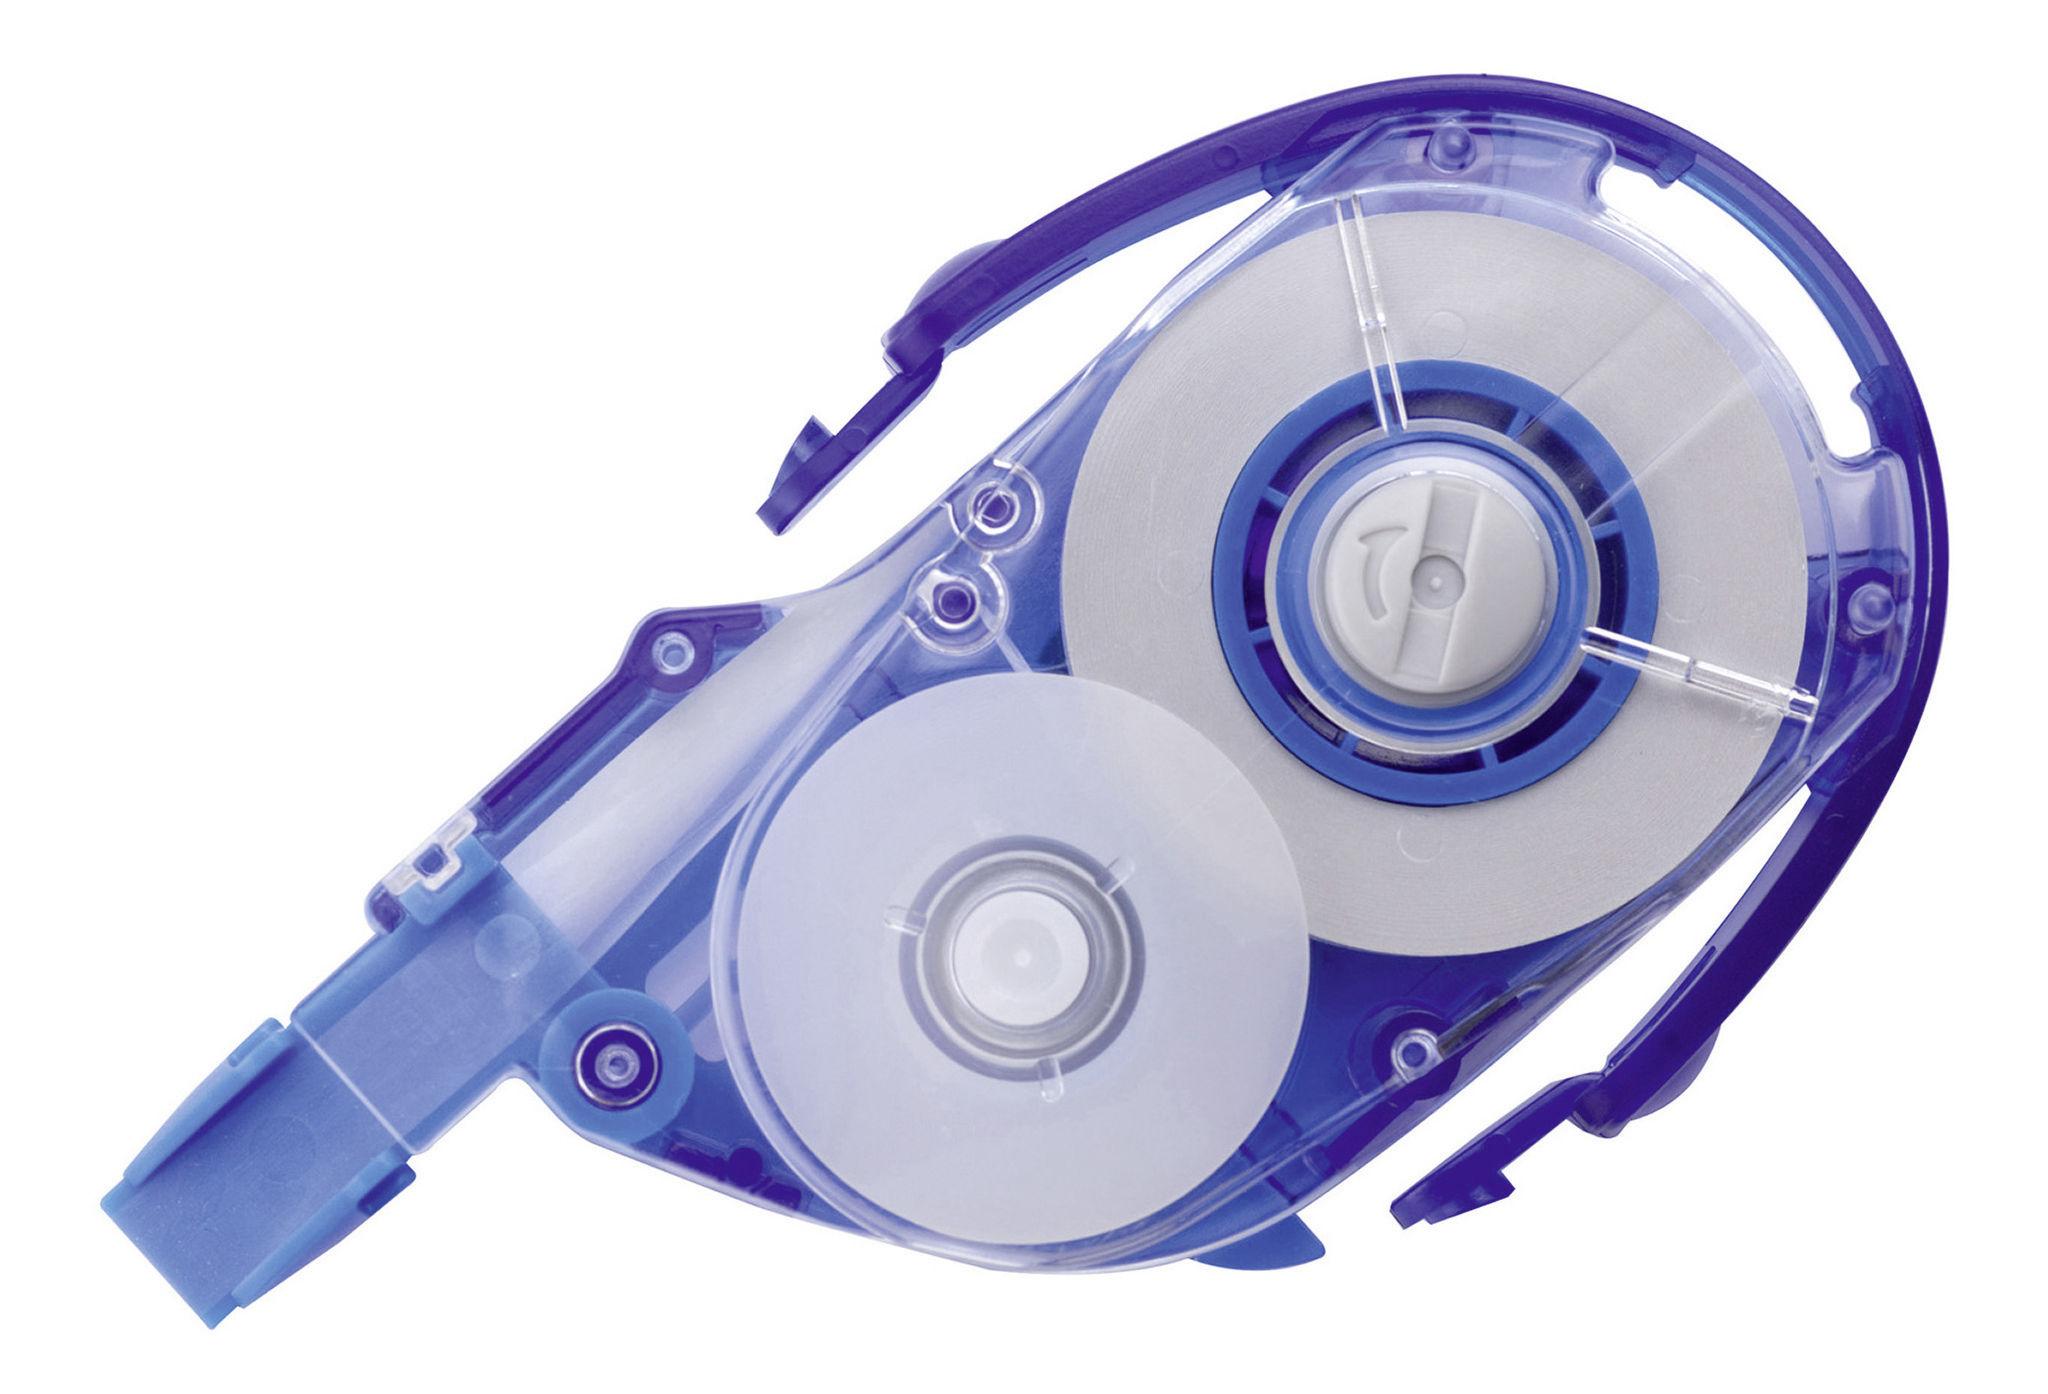 Refil tape MONO YXE6 6mmX16m PK1